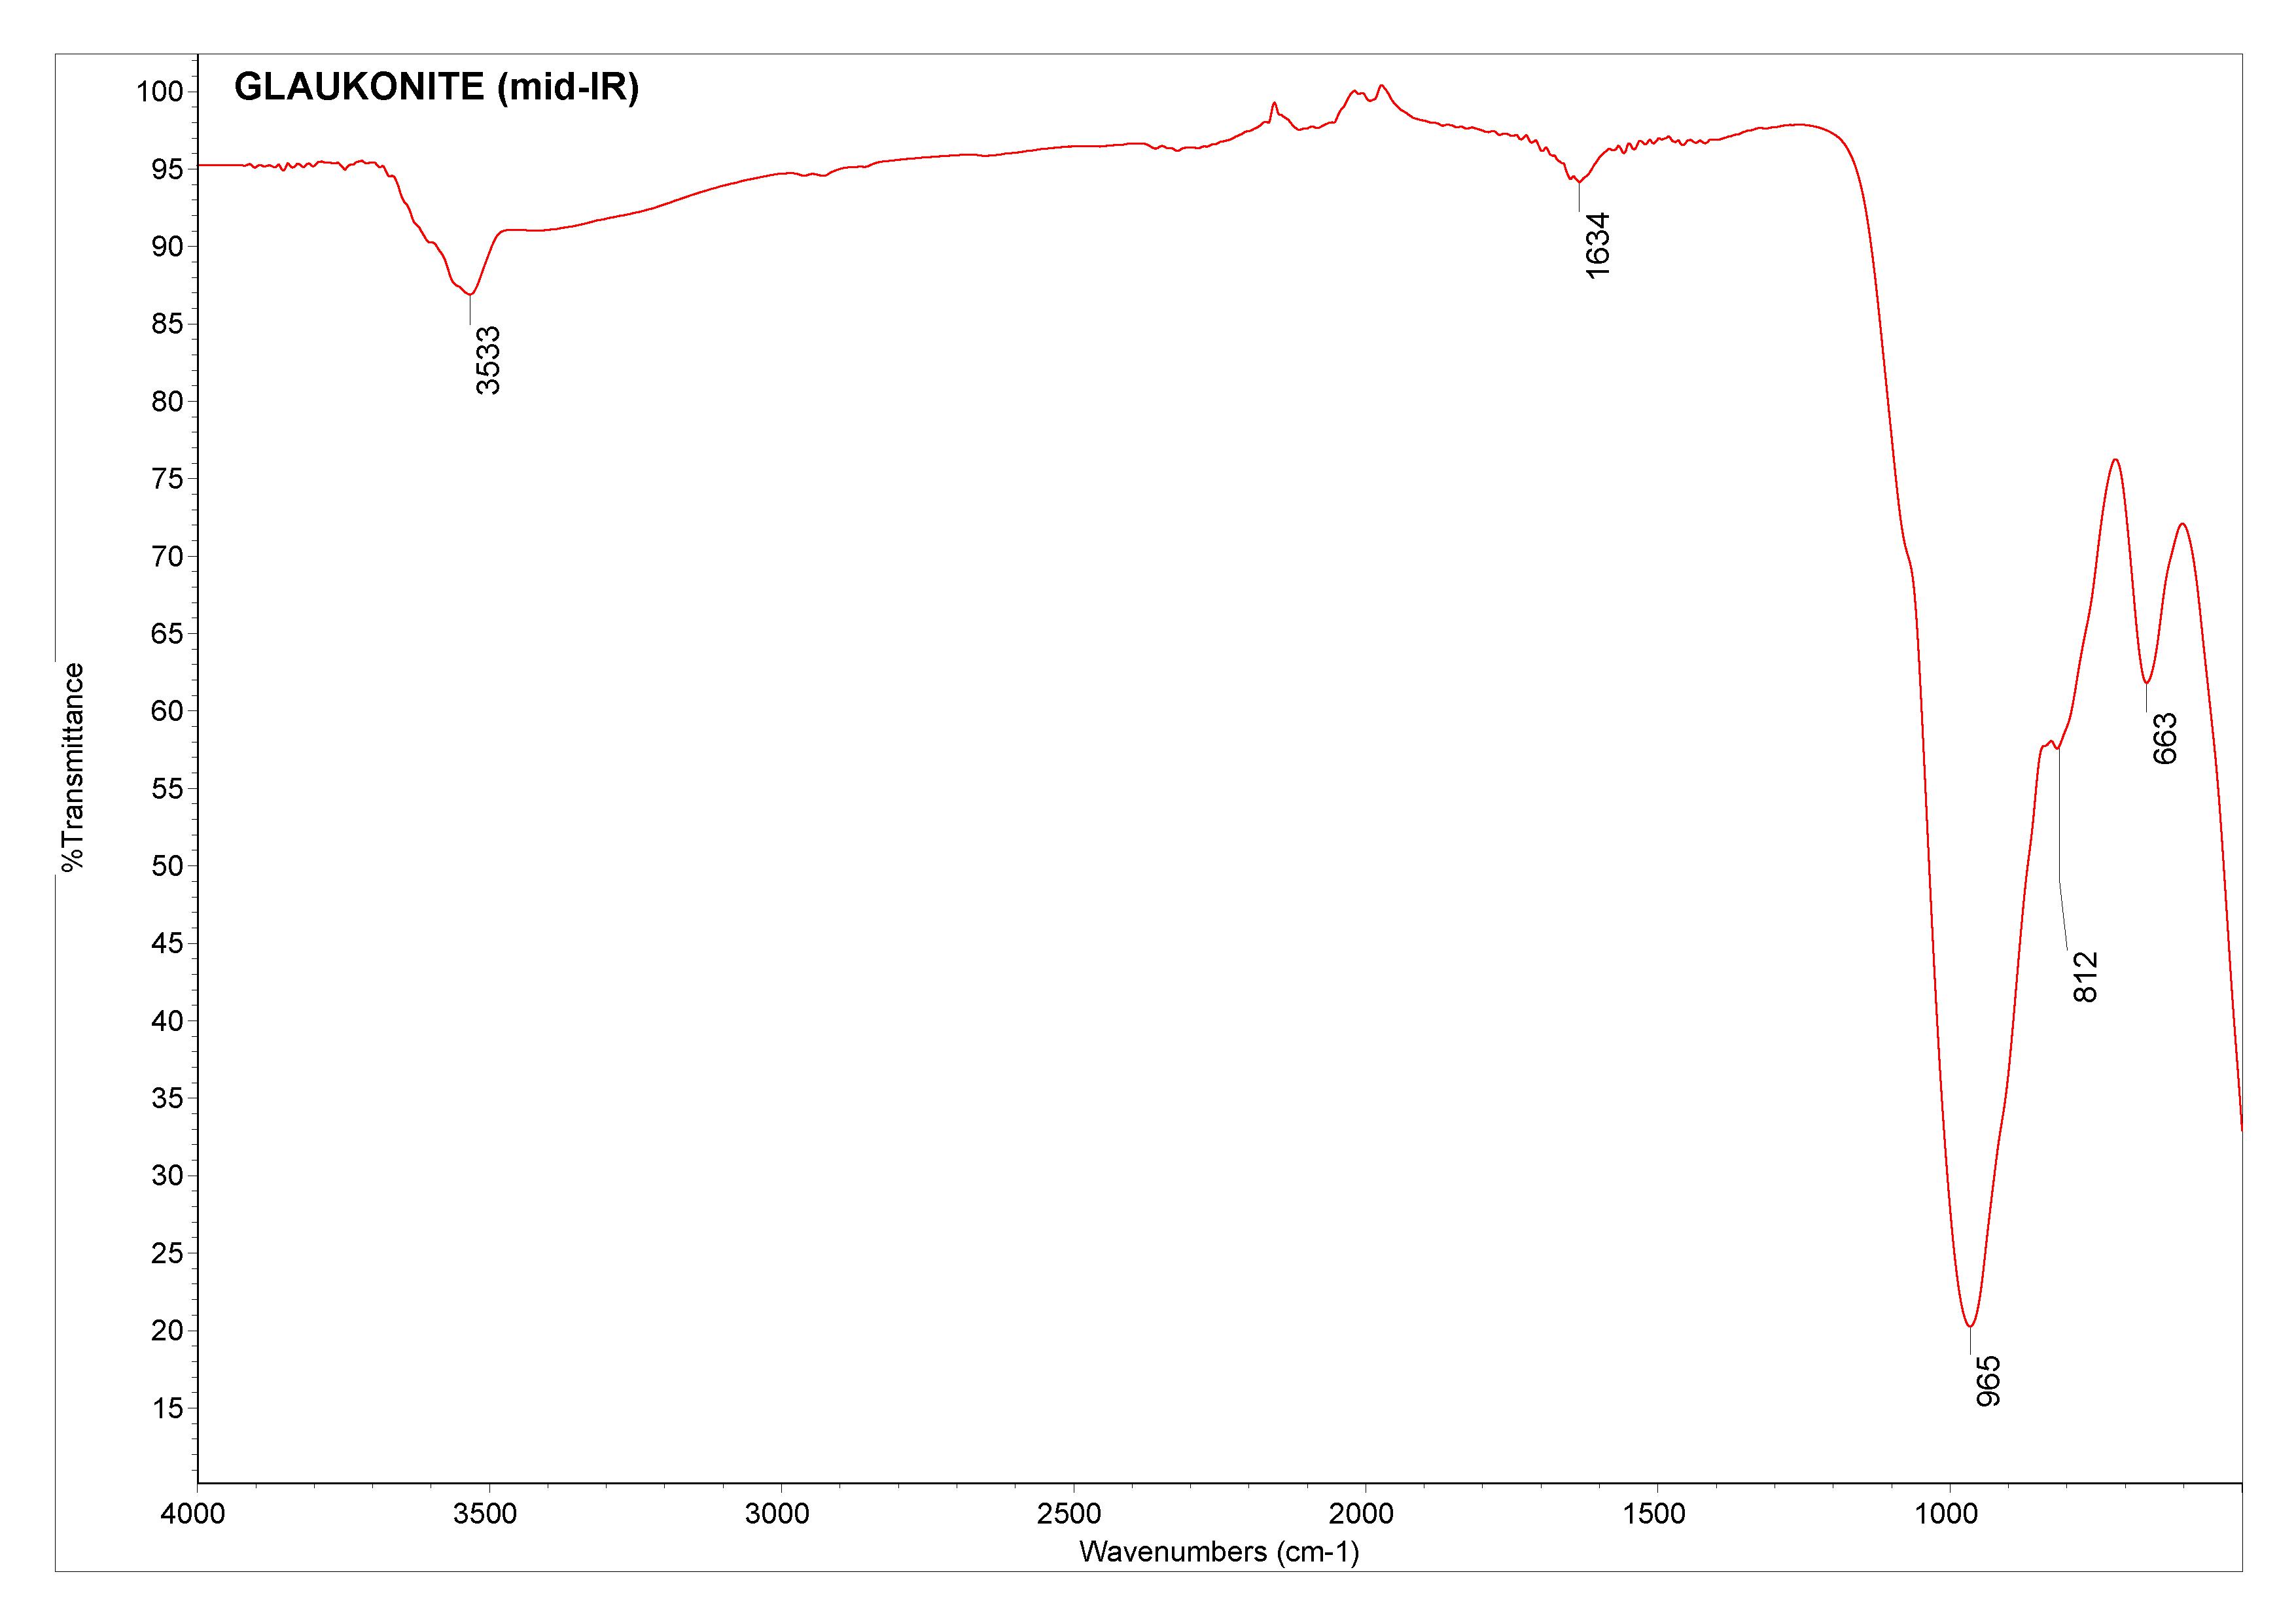 Glauconite (mid-IR)